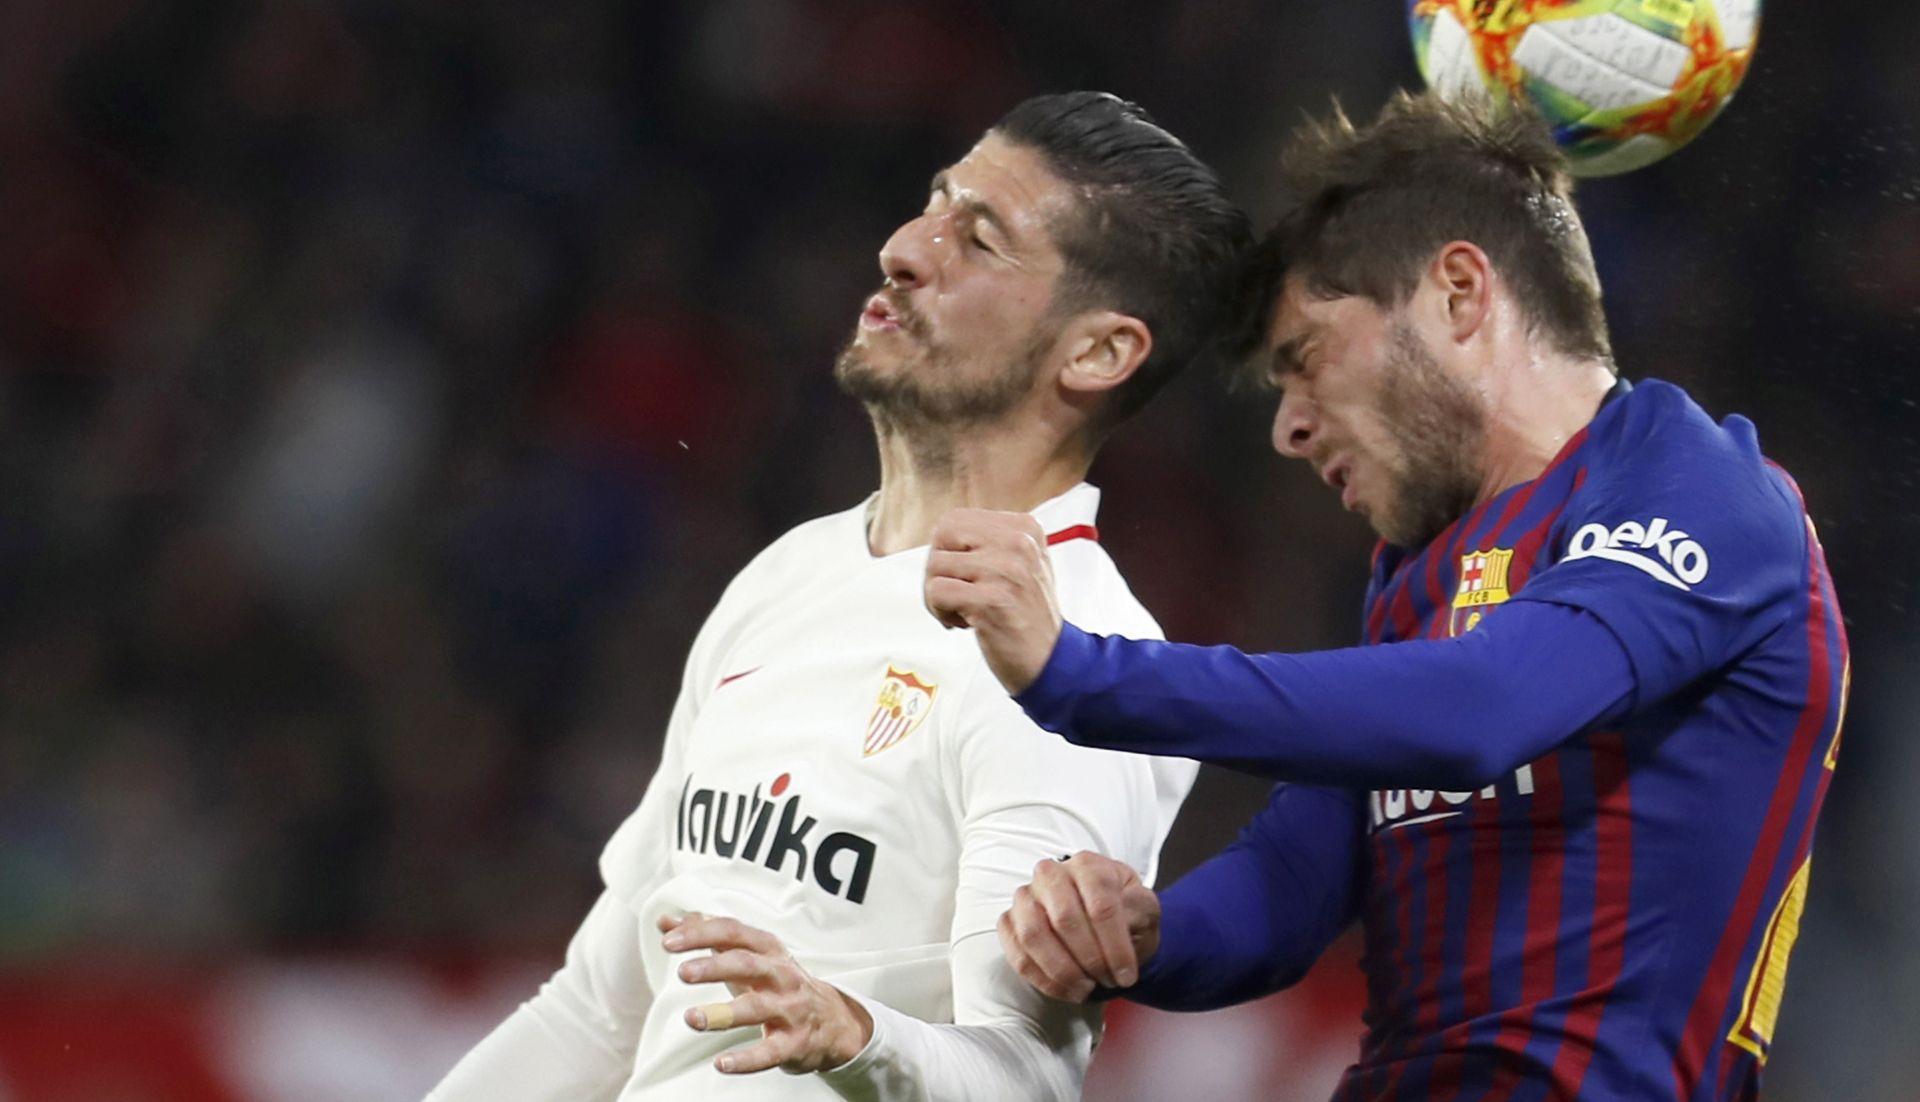 KUP KRALJA Sevilla svladala Barcelonu u prvoj utakmici četvrtfinala